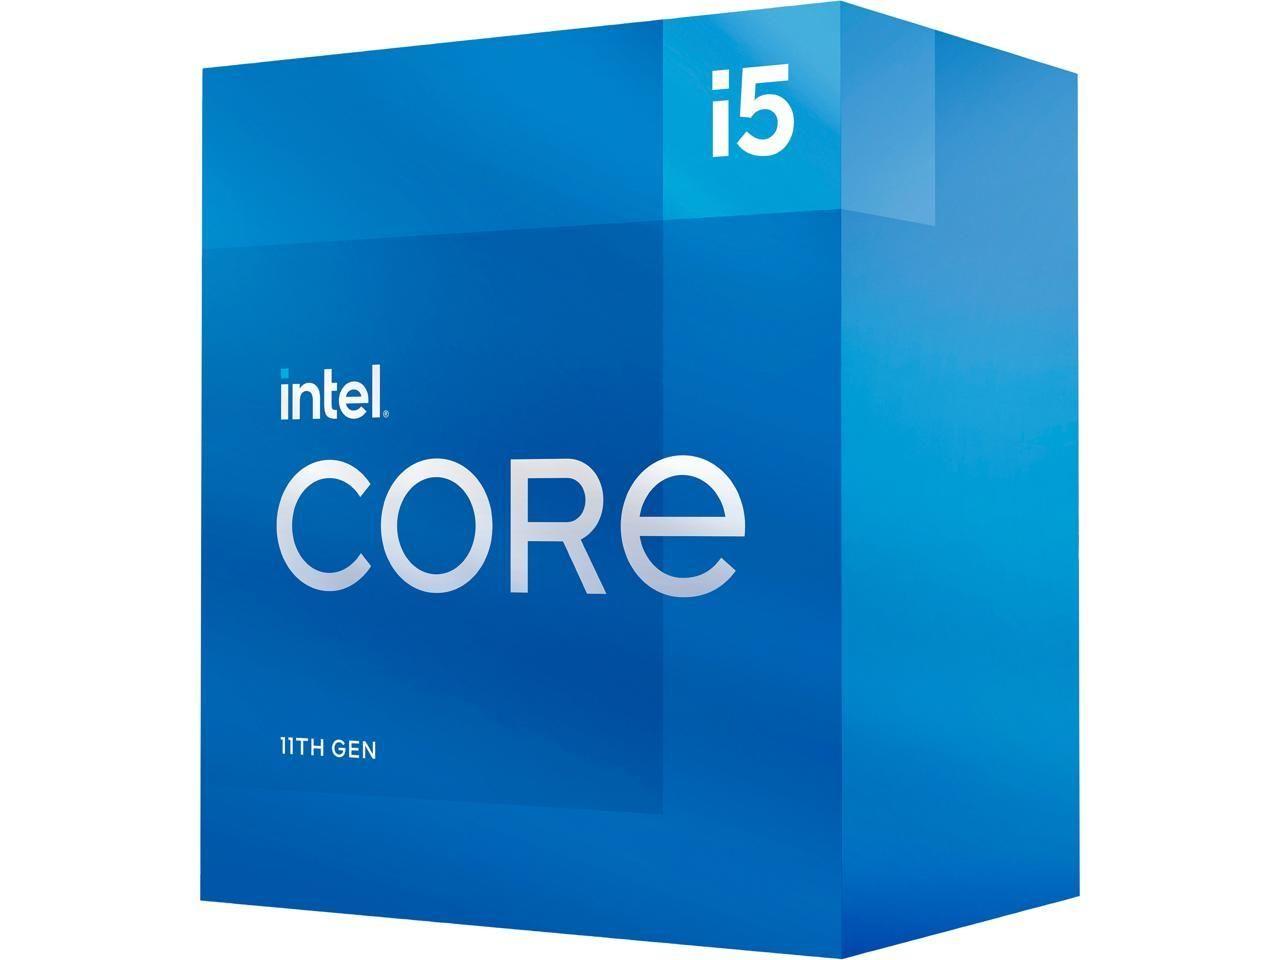 Processzor Intel Core i5-11400 2.60GHz S1200 BOX